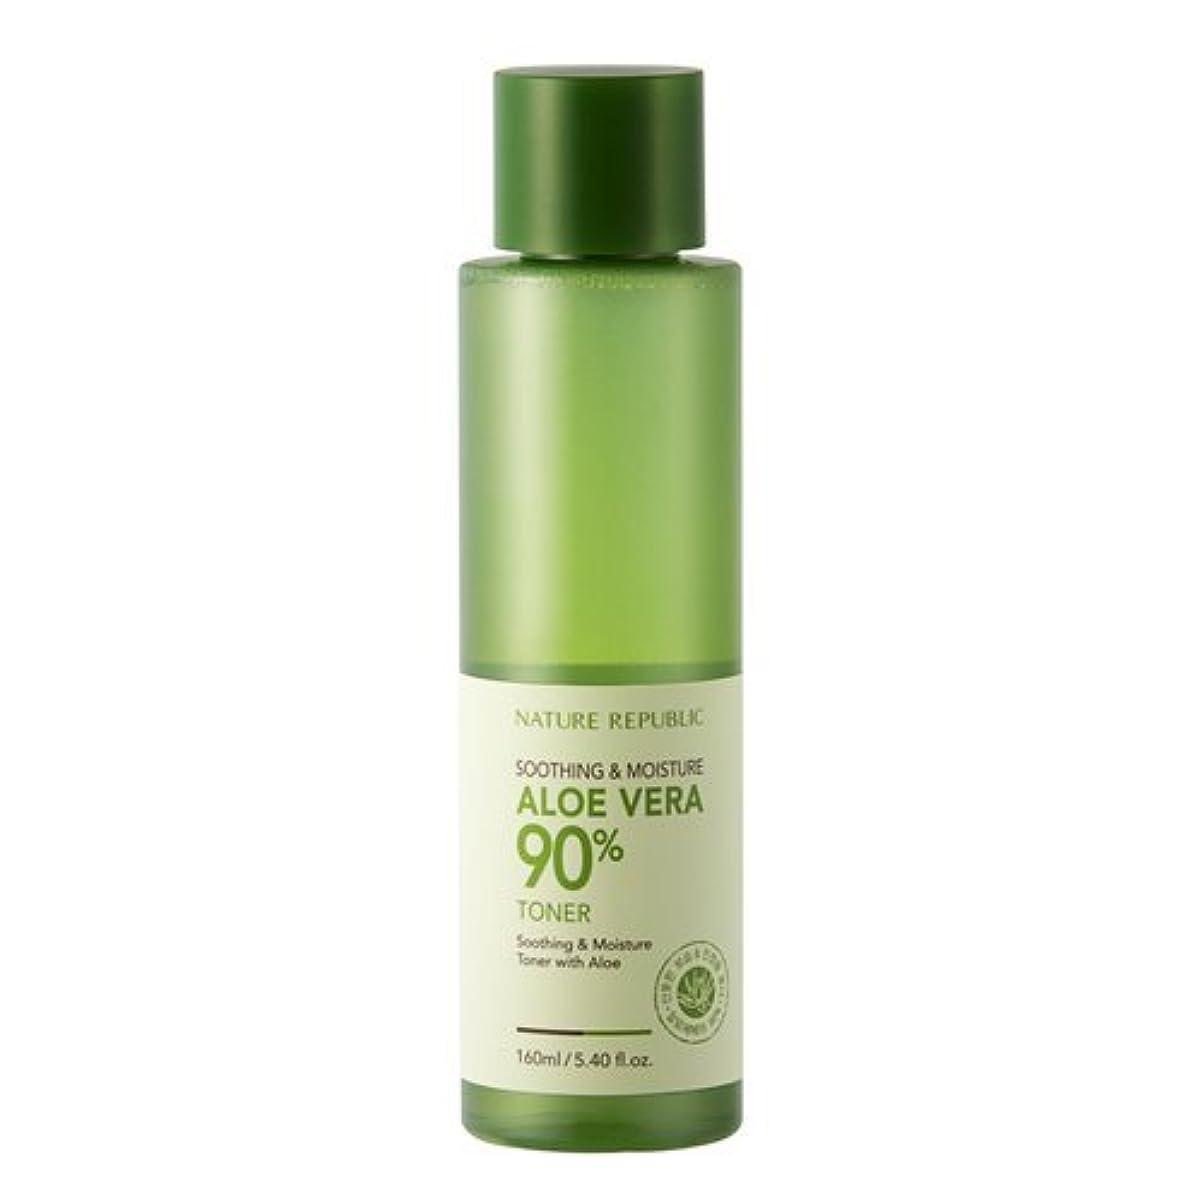 賞賛する編集者受取人Nature Republic Soothing & Moisture Aloe Vera 90% Toner 160ml